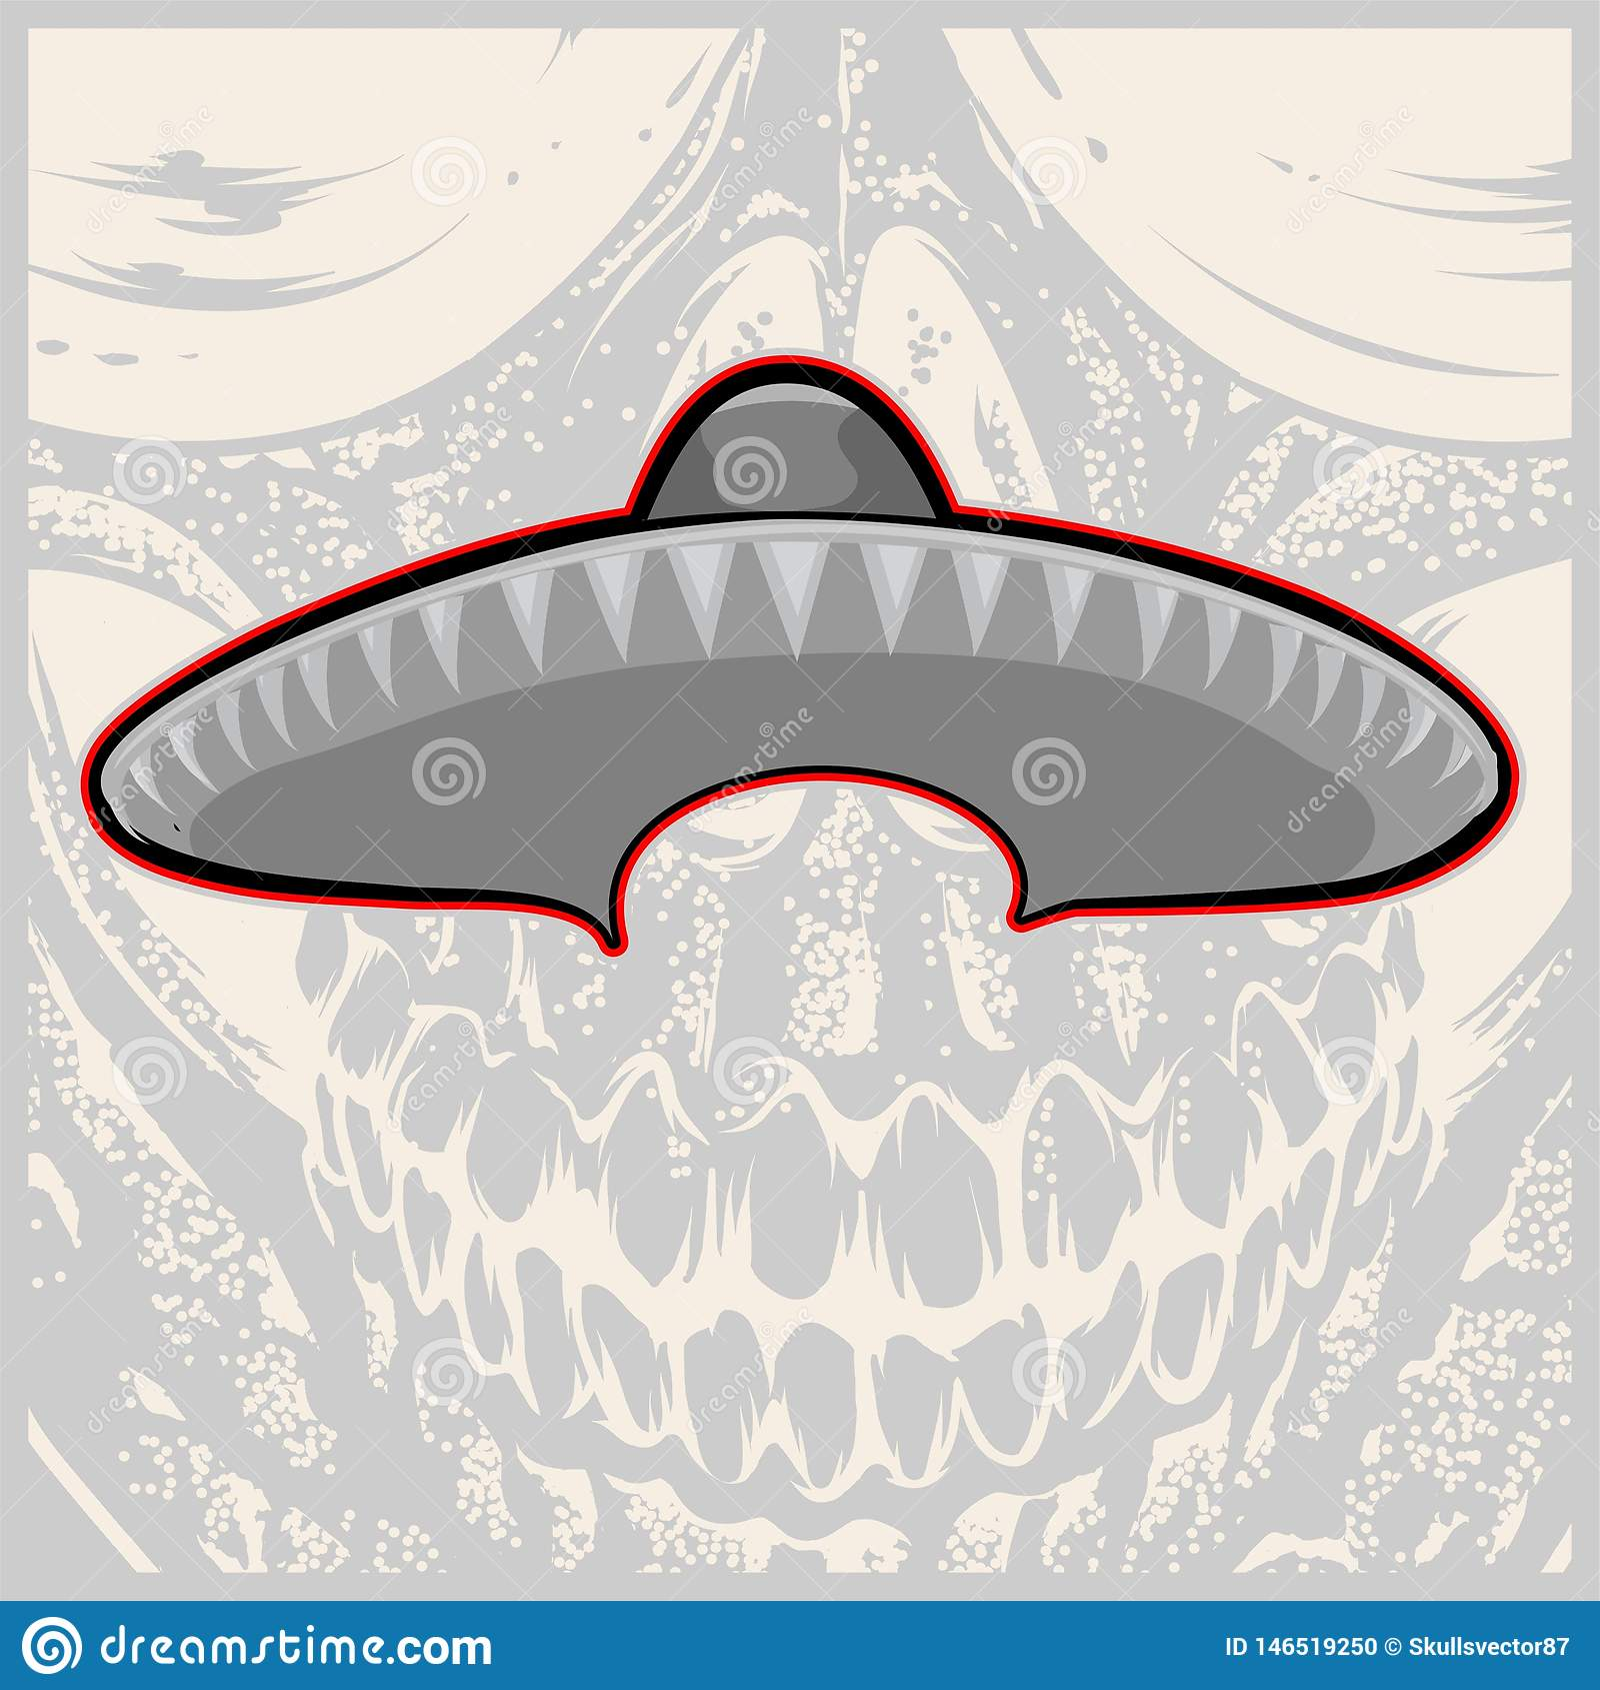 Sombrero - Mexicaanse hoed en snor - vectorillustratie